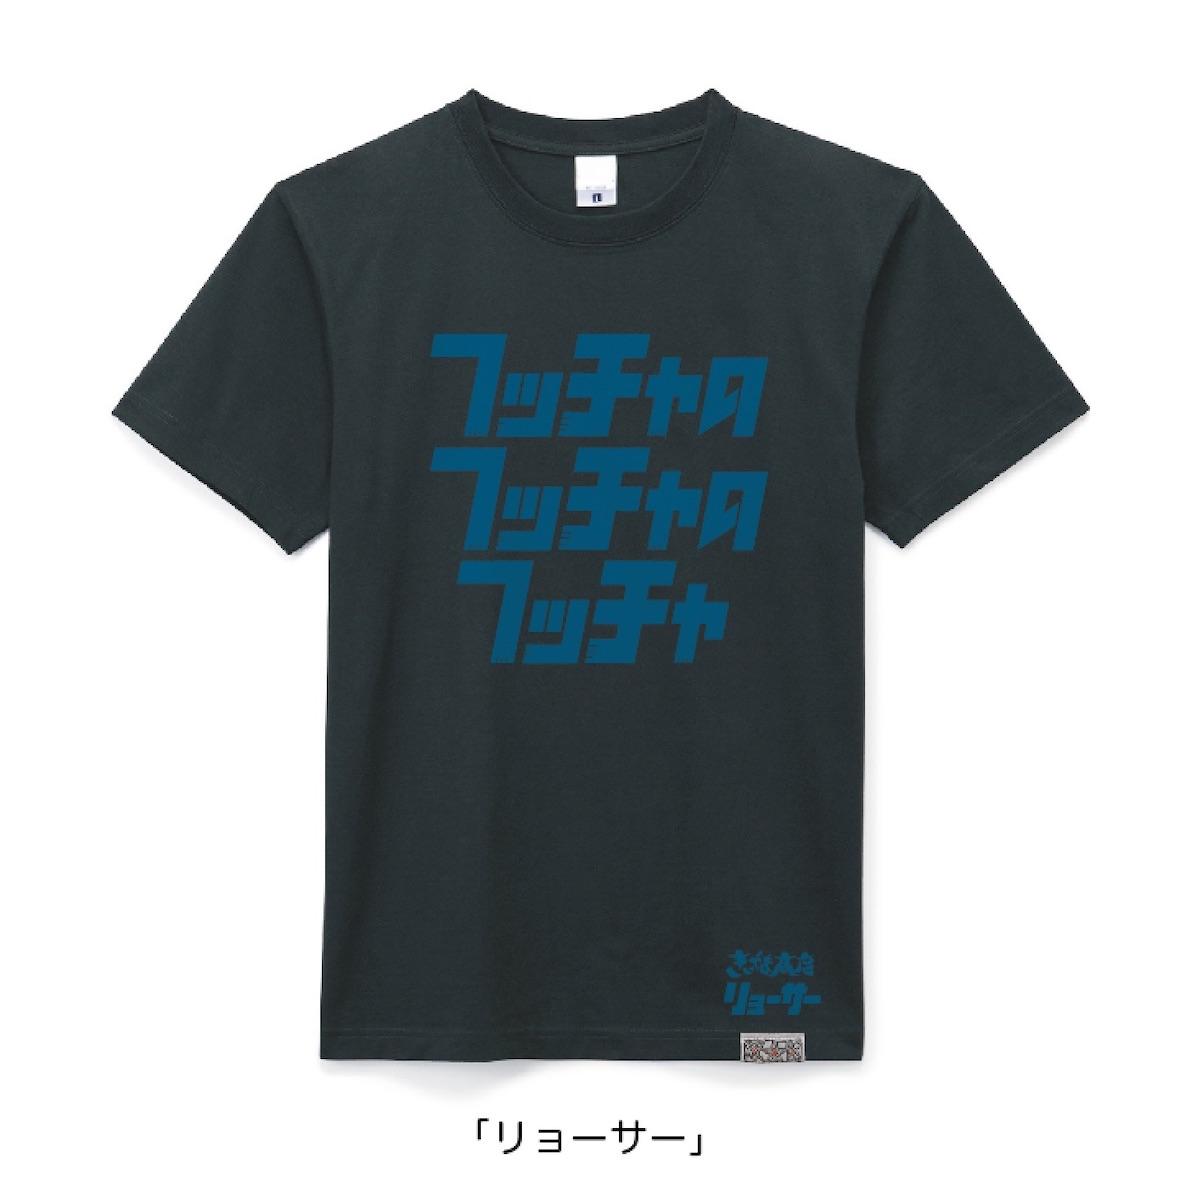 激安直営店 IC-14 IC-14【きいやま商店×イチグスクモードコラボTシャツ】「リョーサ」Lサイズ, ワイン&地酒 TODA:72702e4c --- mag2.ensuregroup.ca